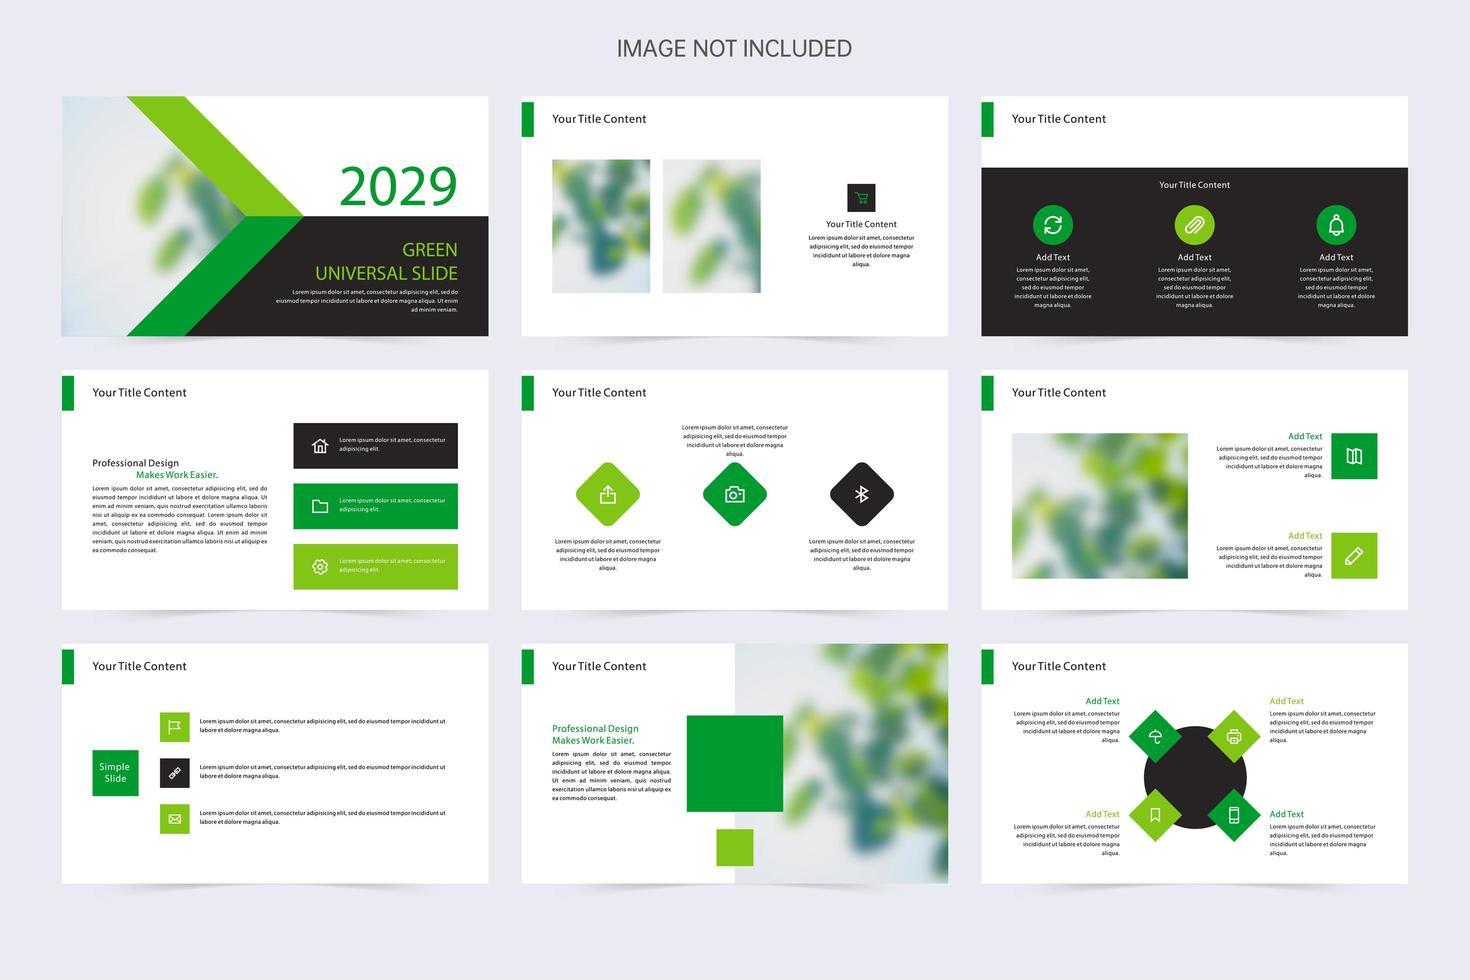 moderne grüne und weiße Geschäftspräsentationsschablone vektor